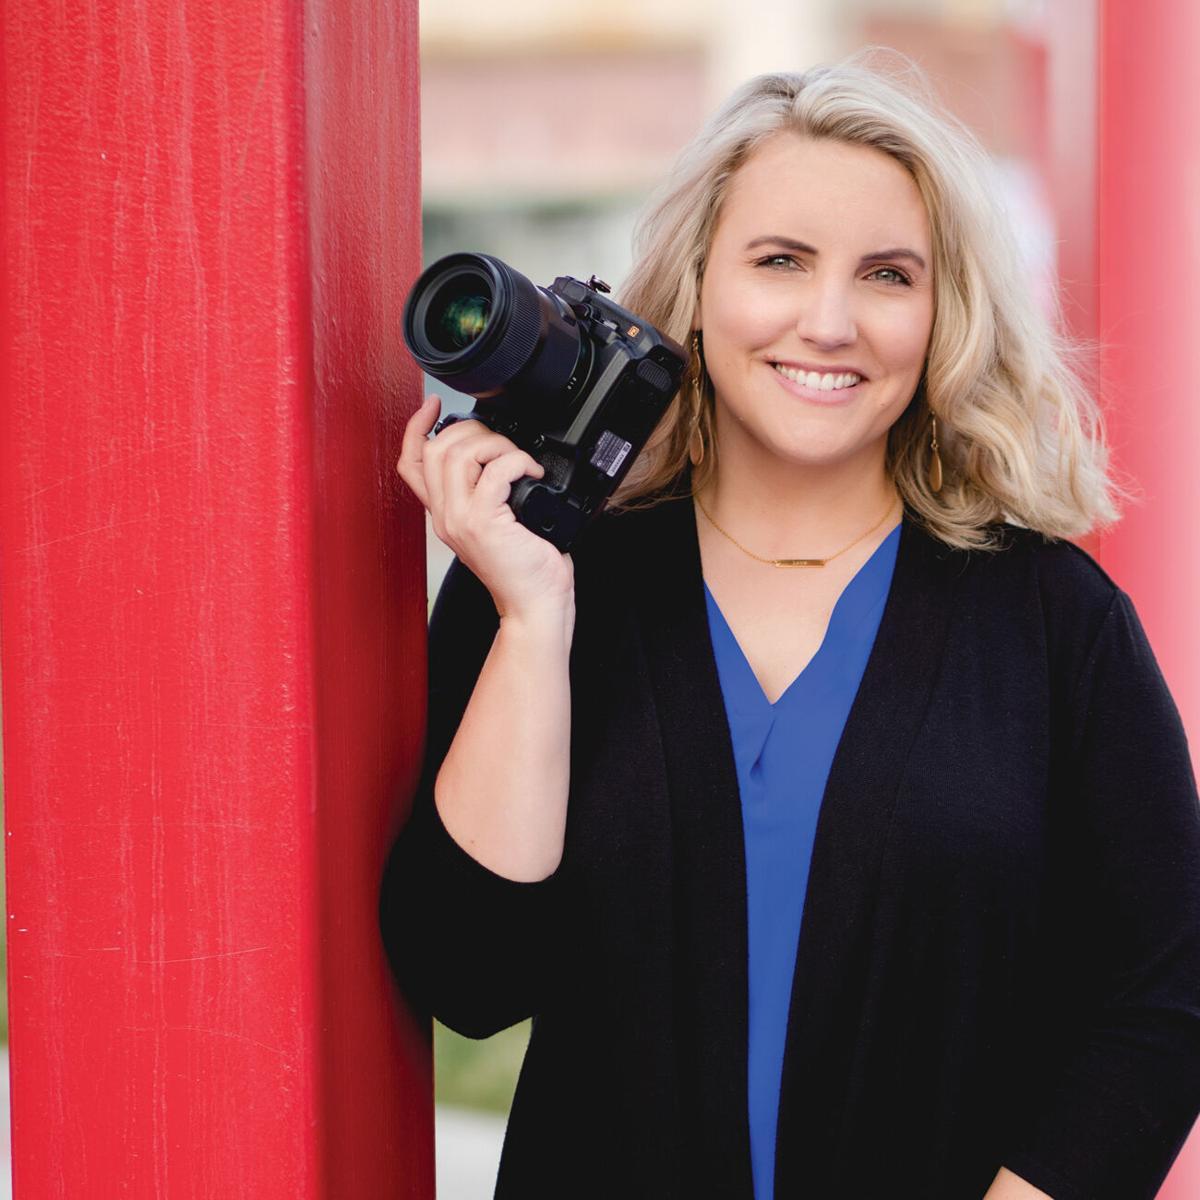 Photographer Kira Wood